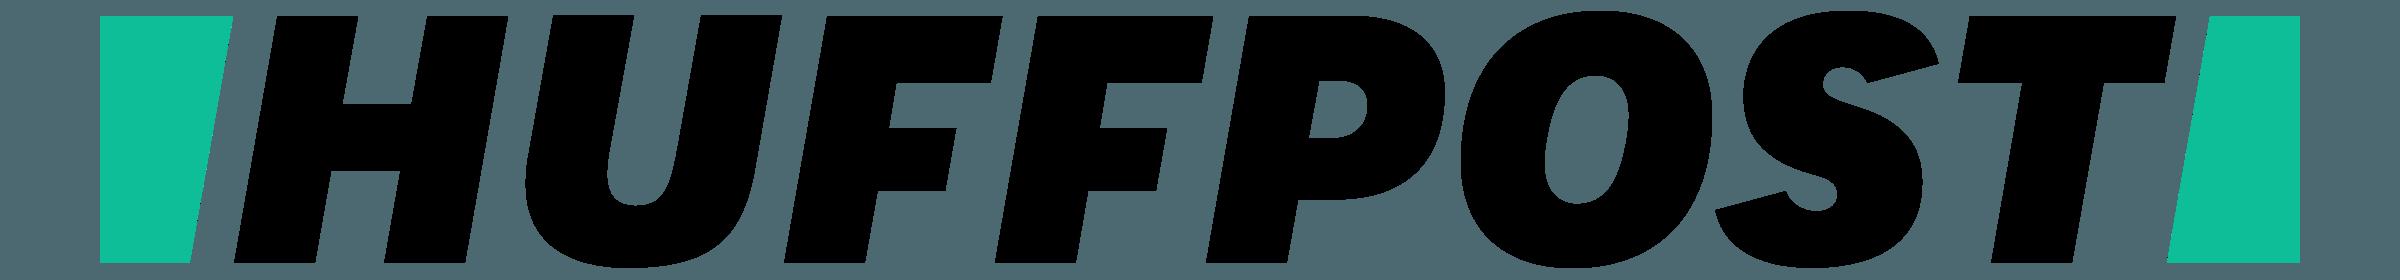 huffpost-logo-transparent.png